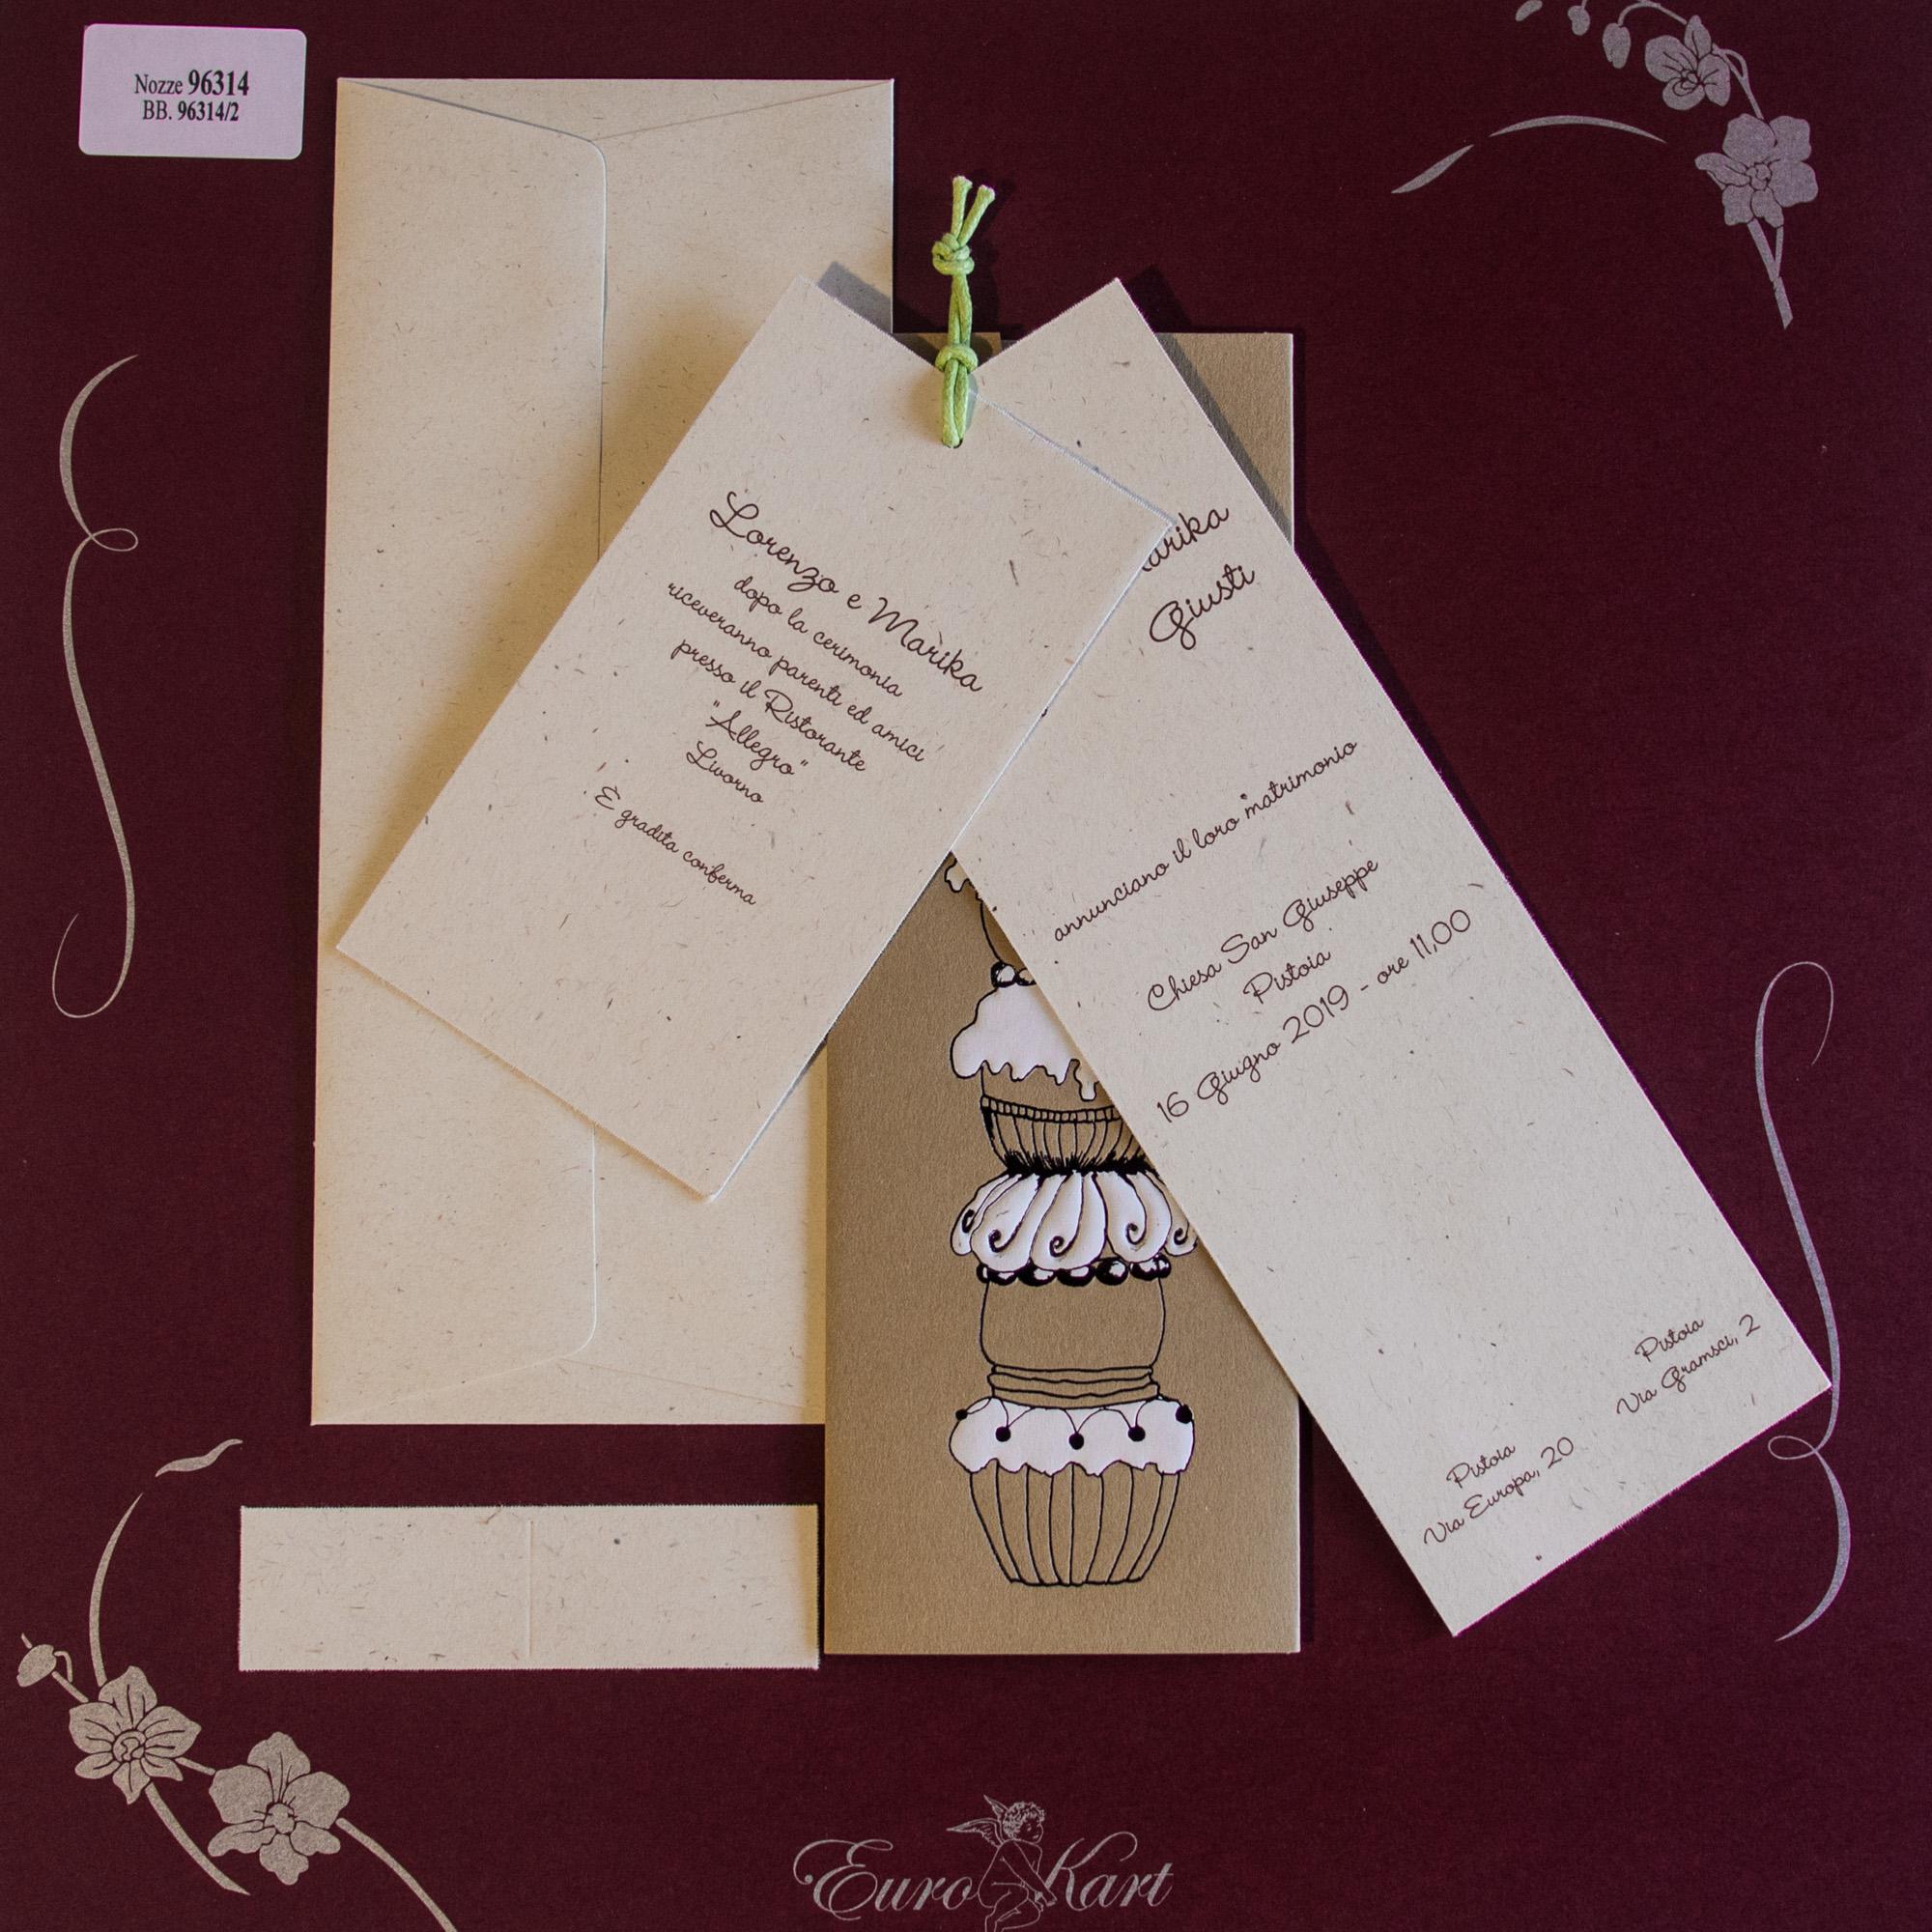 partecipazioni di nozze 96314